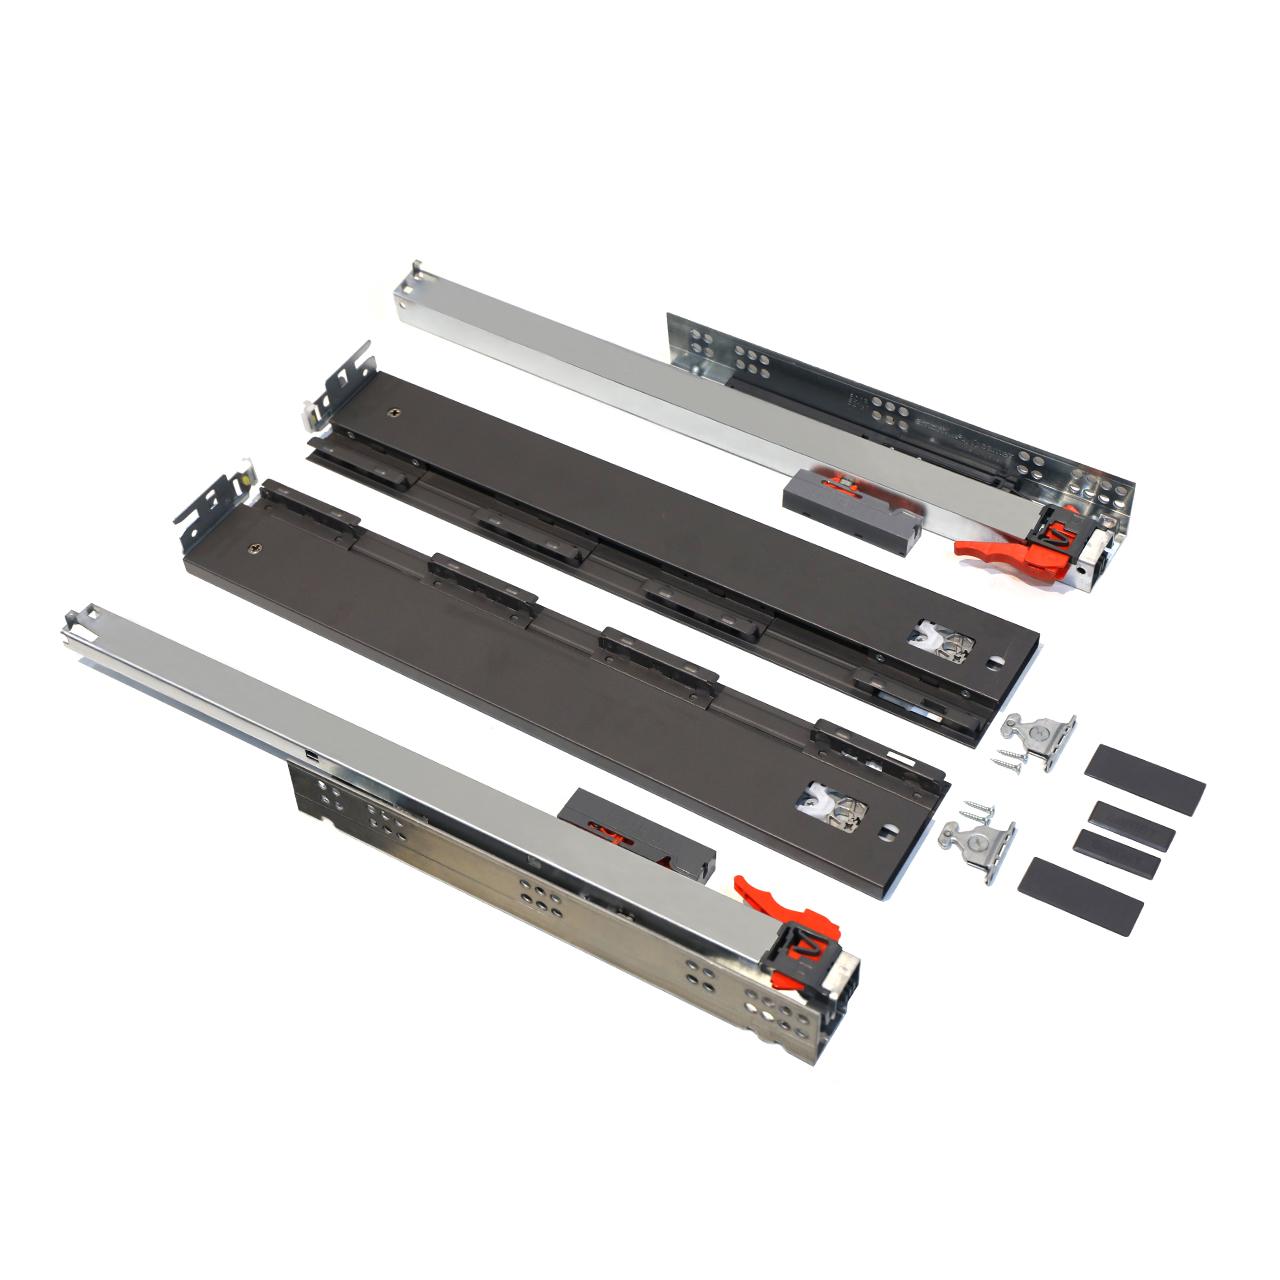 ریل کشو فشاری صامت مدل SmartFlow F45H85 سایز 45 سانتیمتری بسته 2 عددی